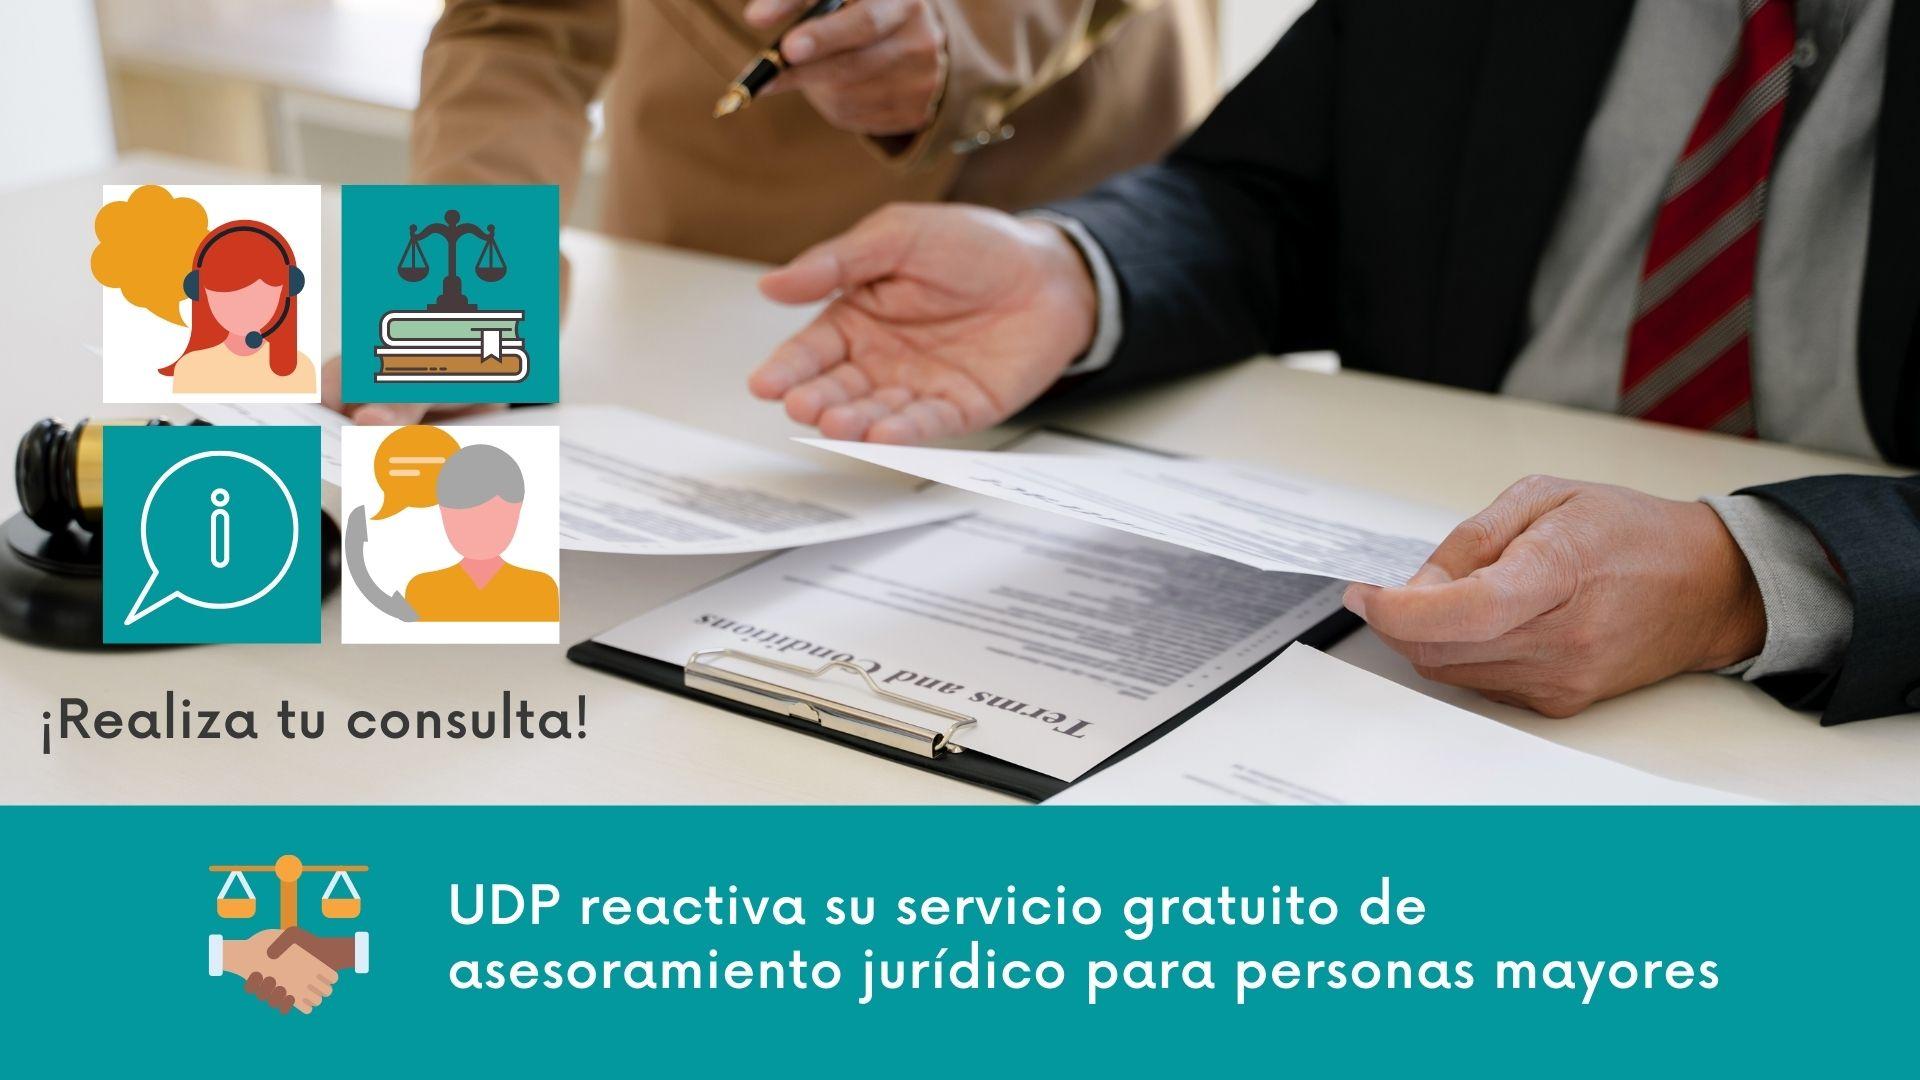 UDP reactiva su servicio gratuito de asesoramiento jurídico para personas mayores